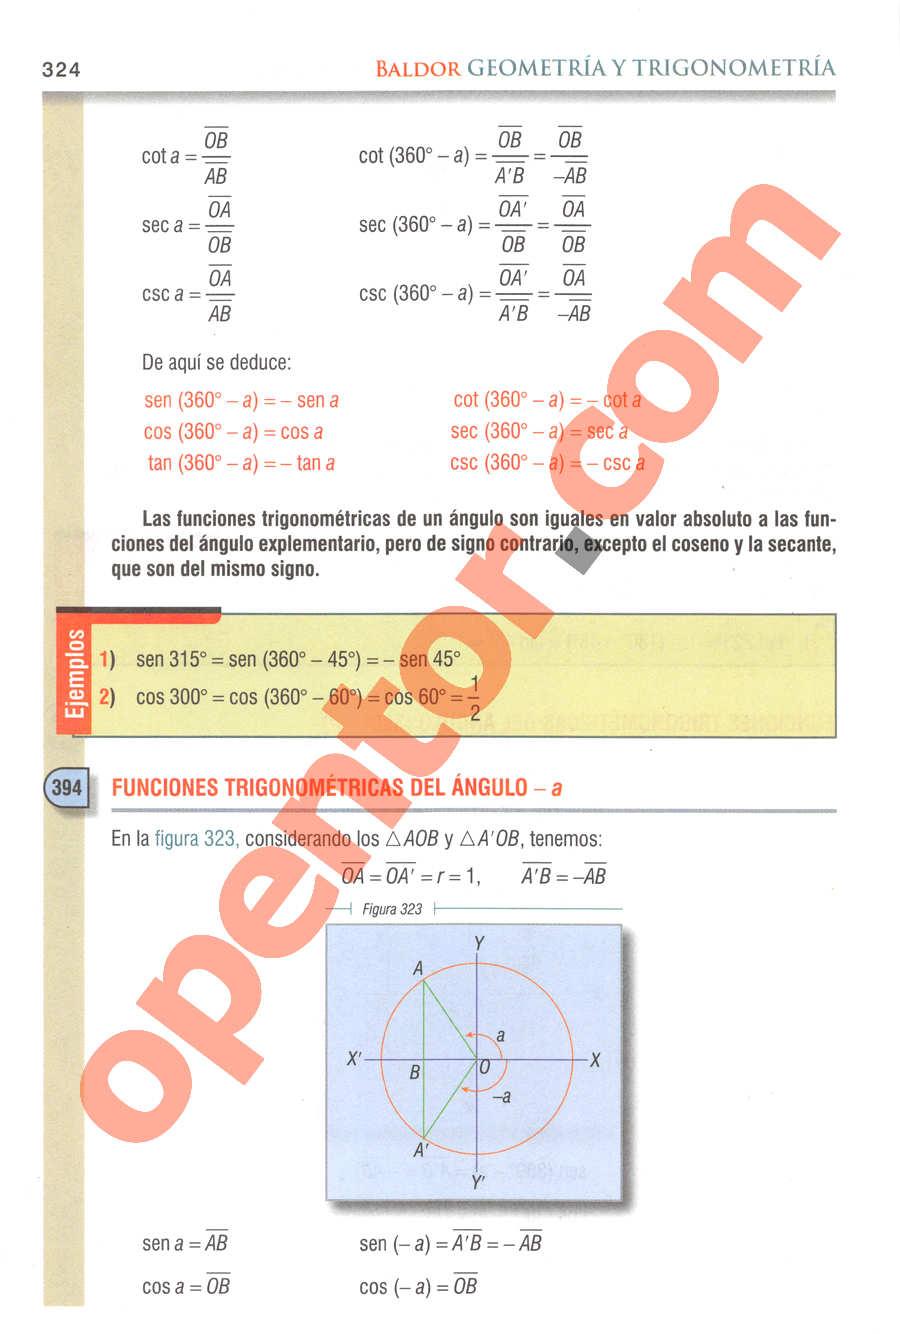 Geometría y Trigonometría de Baldor - Página 324